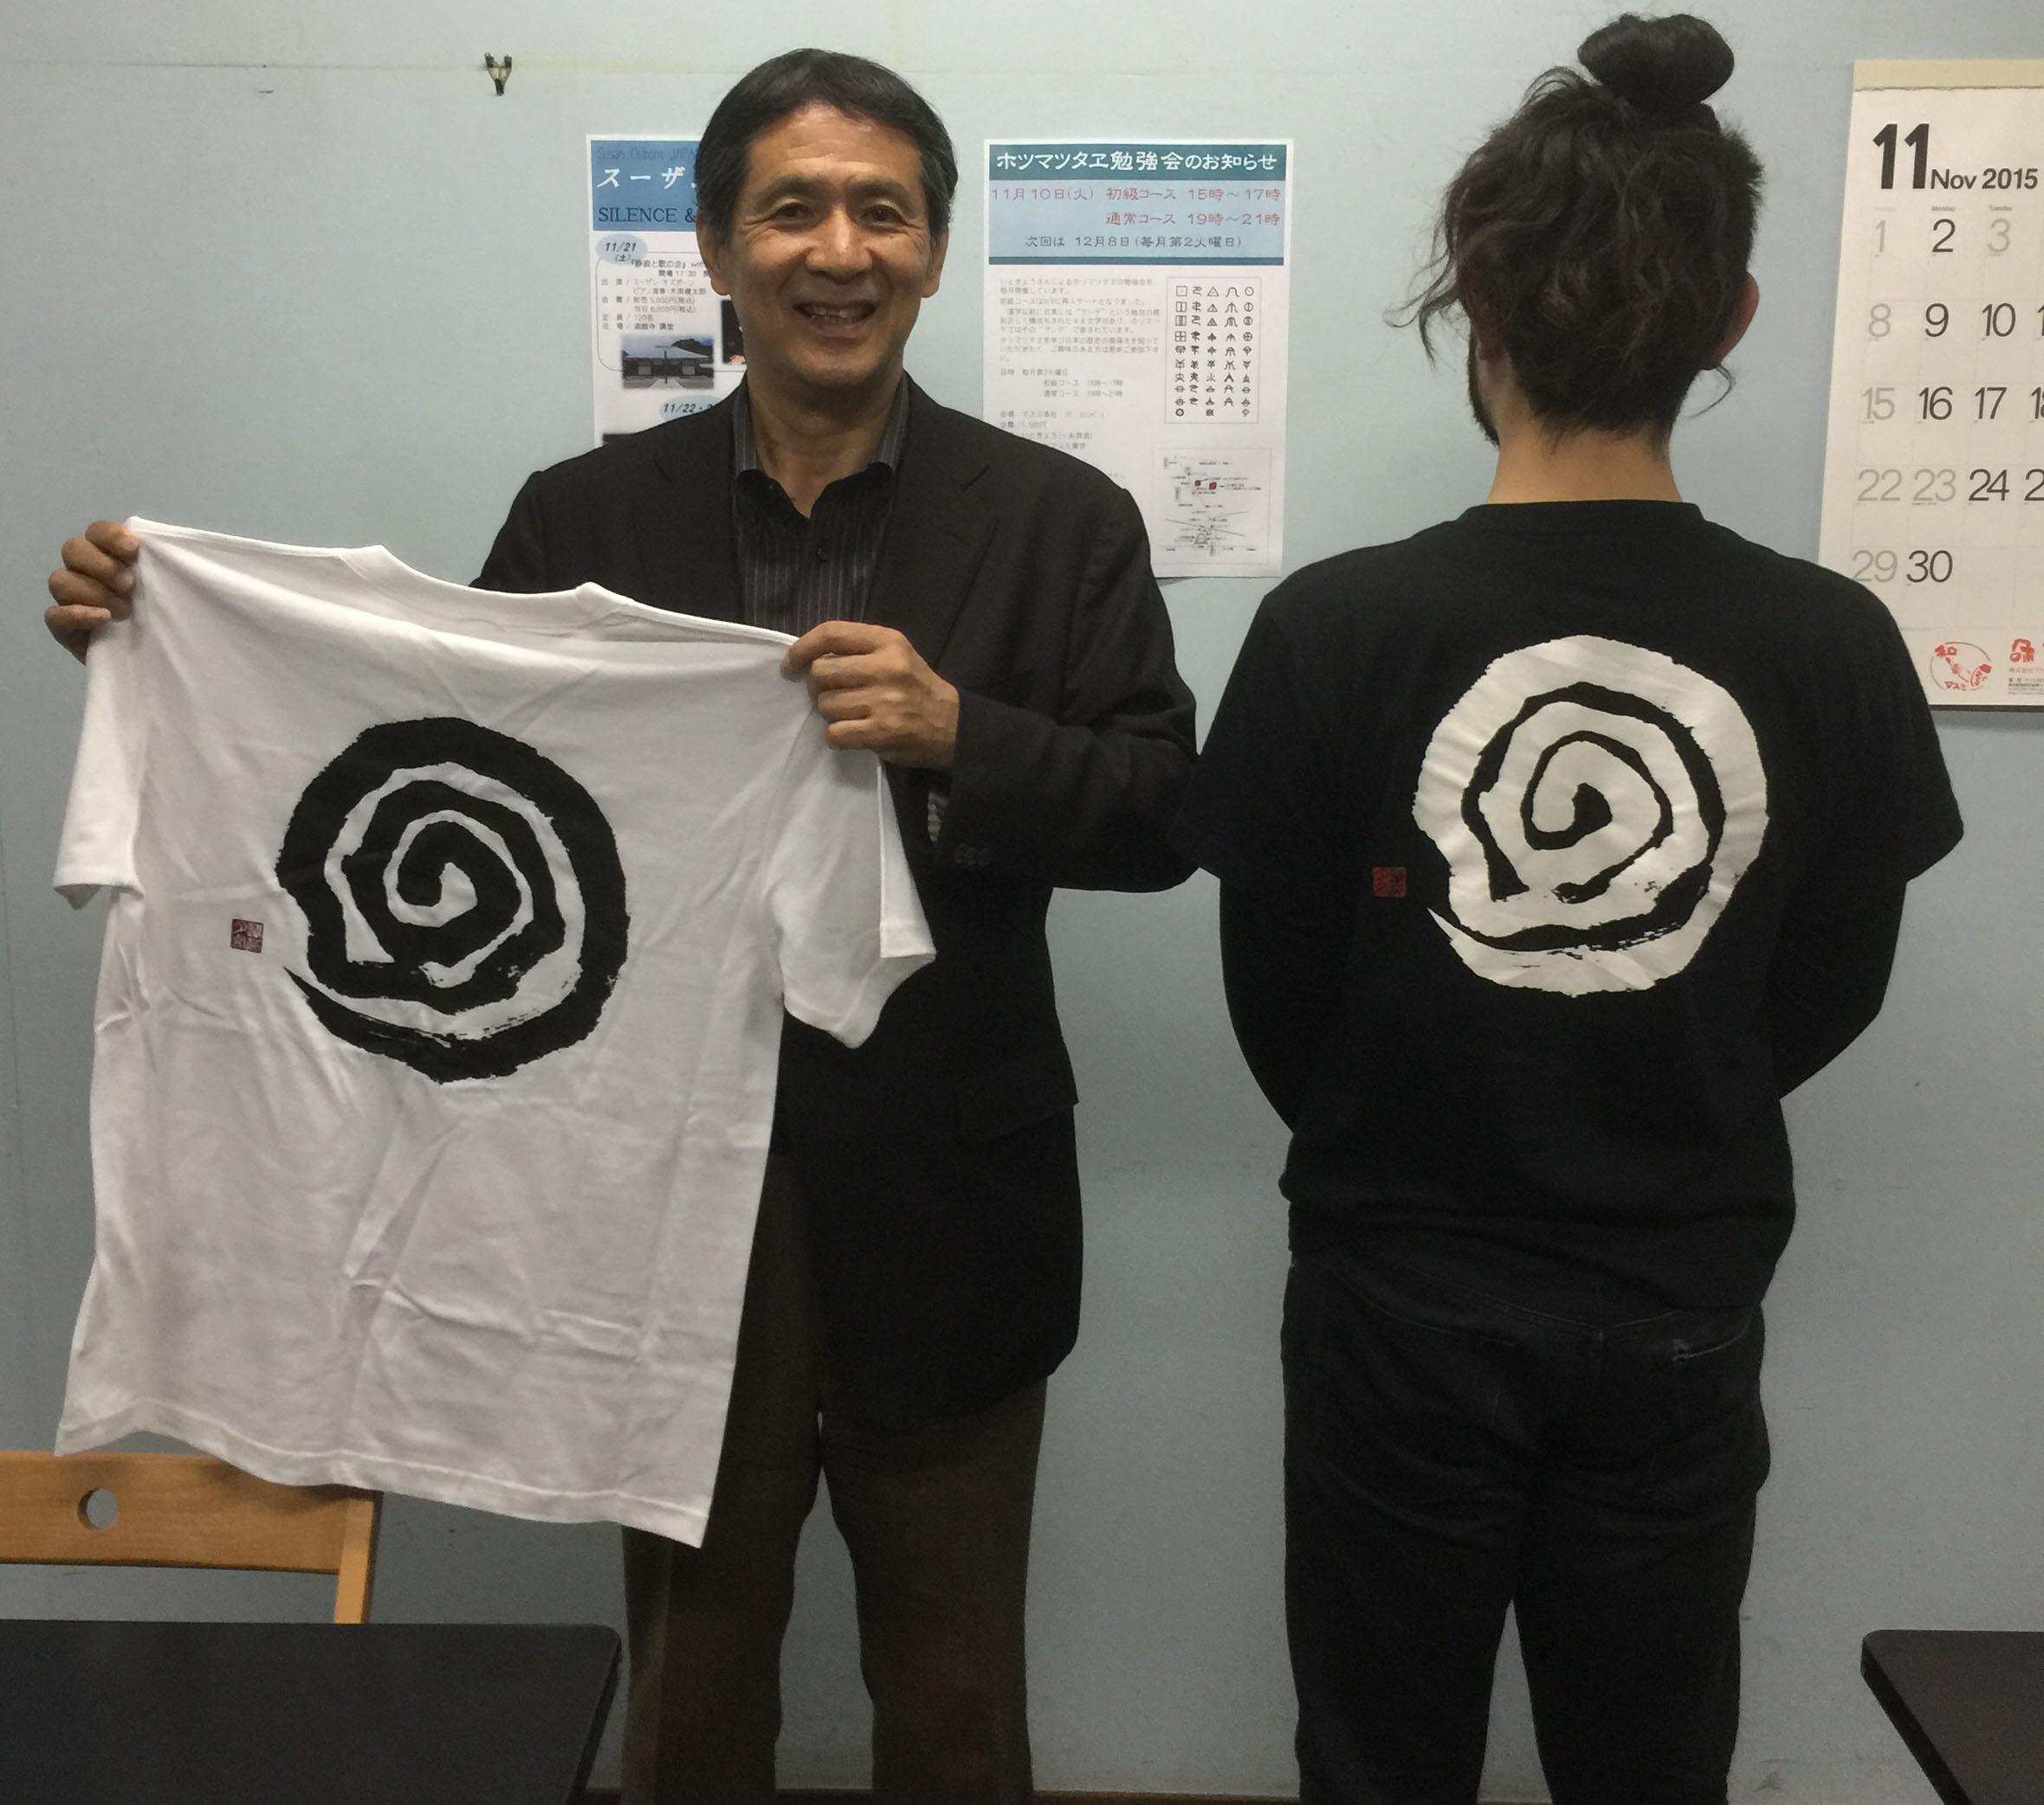 あうわTシャツを いときょう先生 と共に。制作デザイン:遠藤夕幻